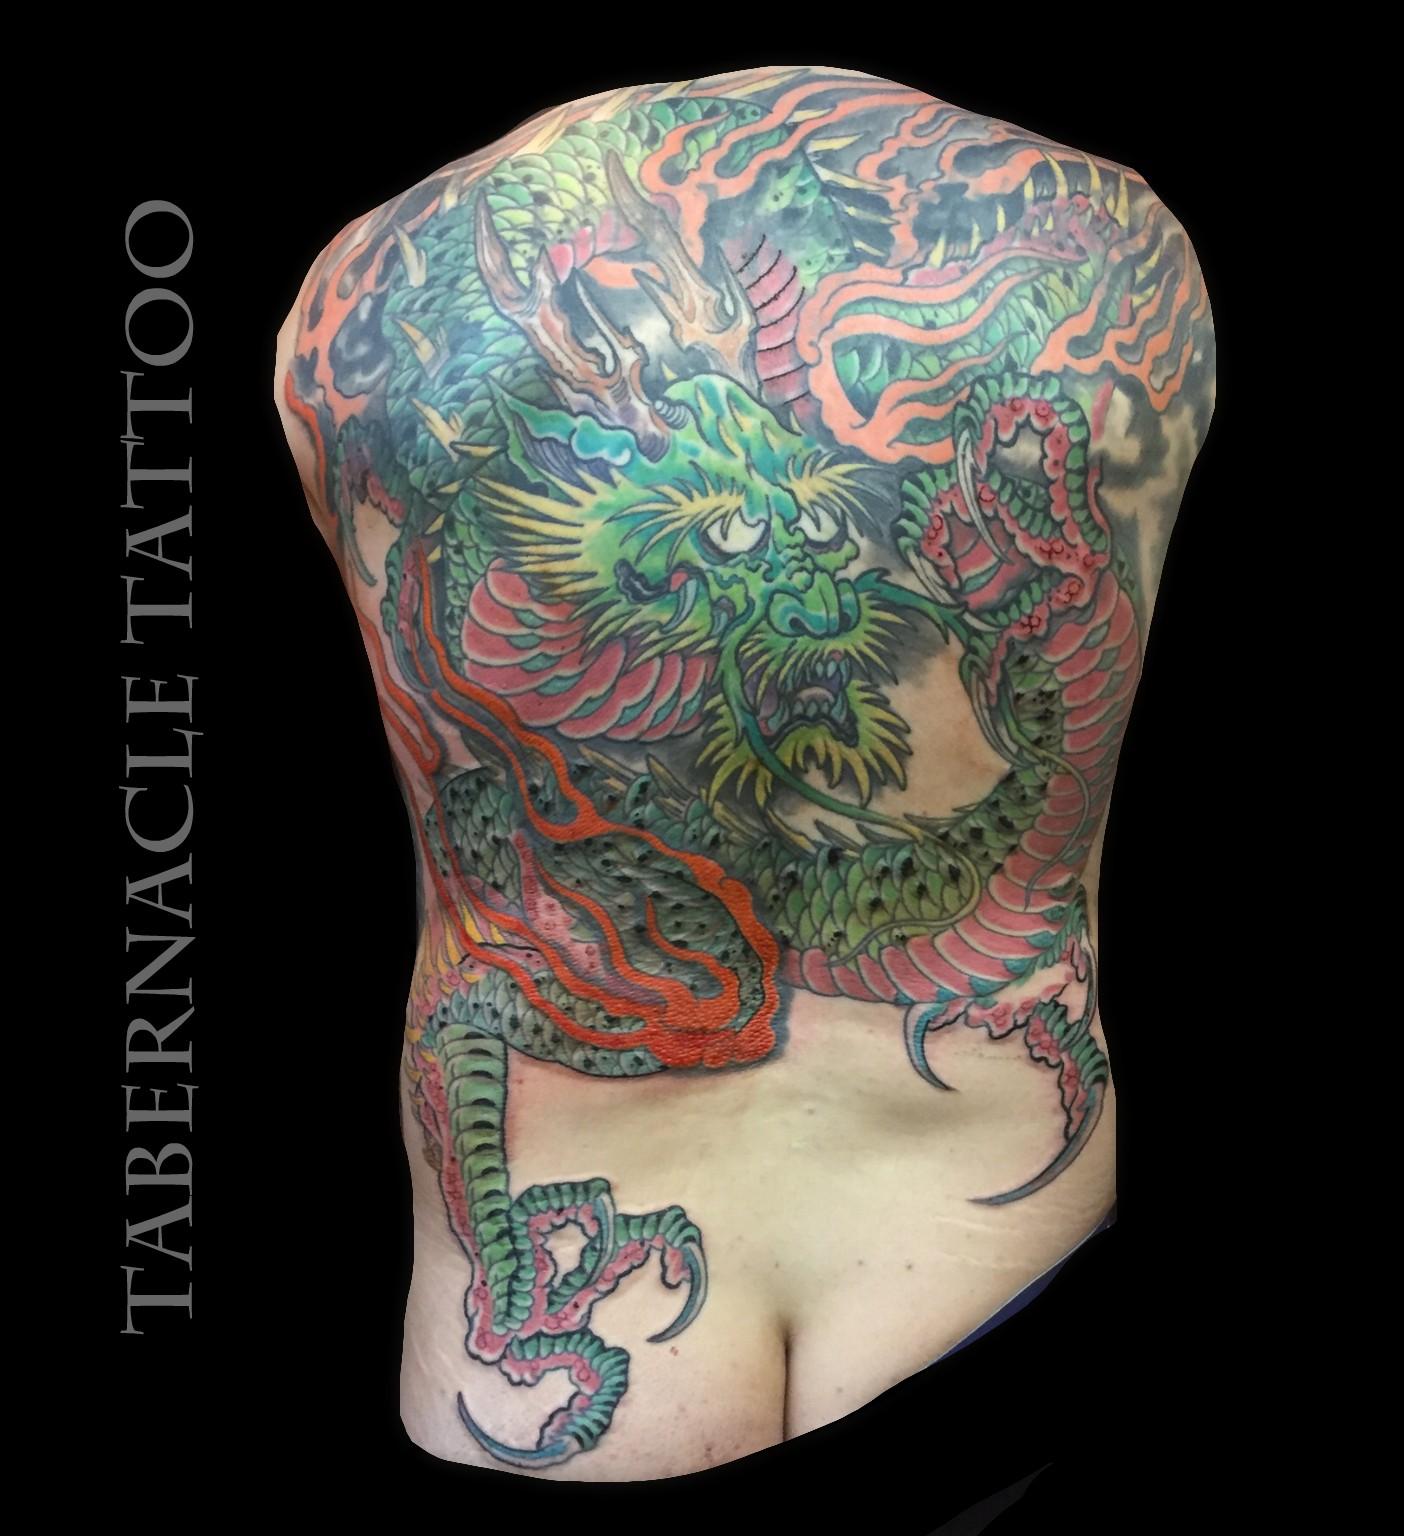 Tampa tattoos